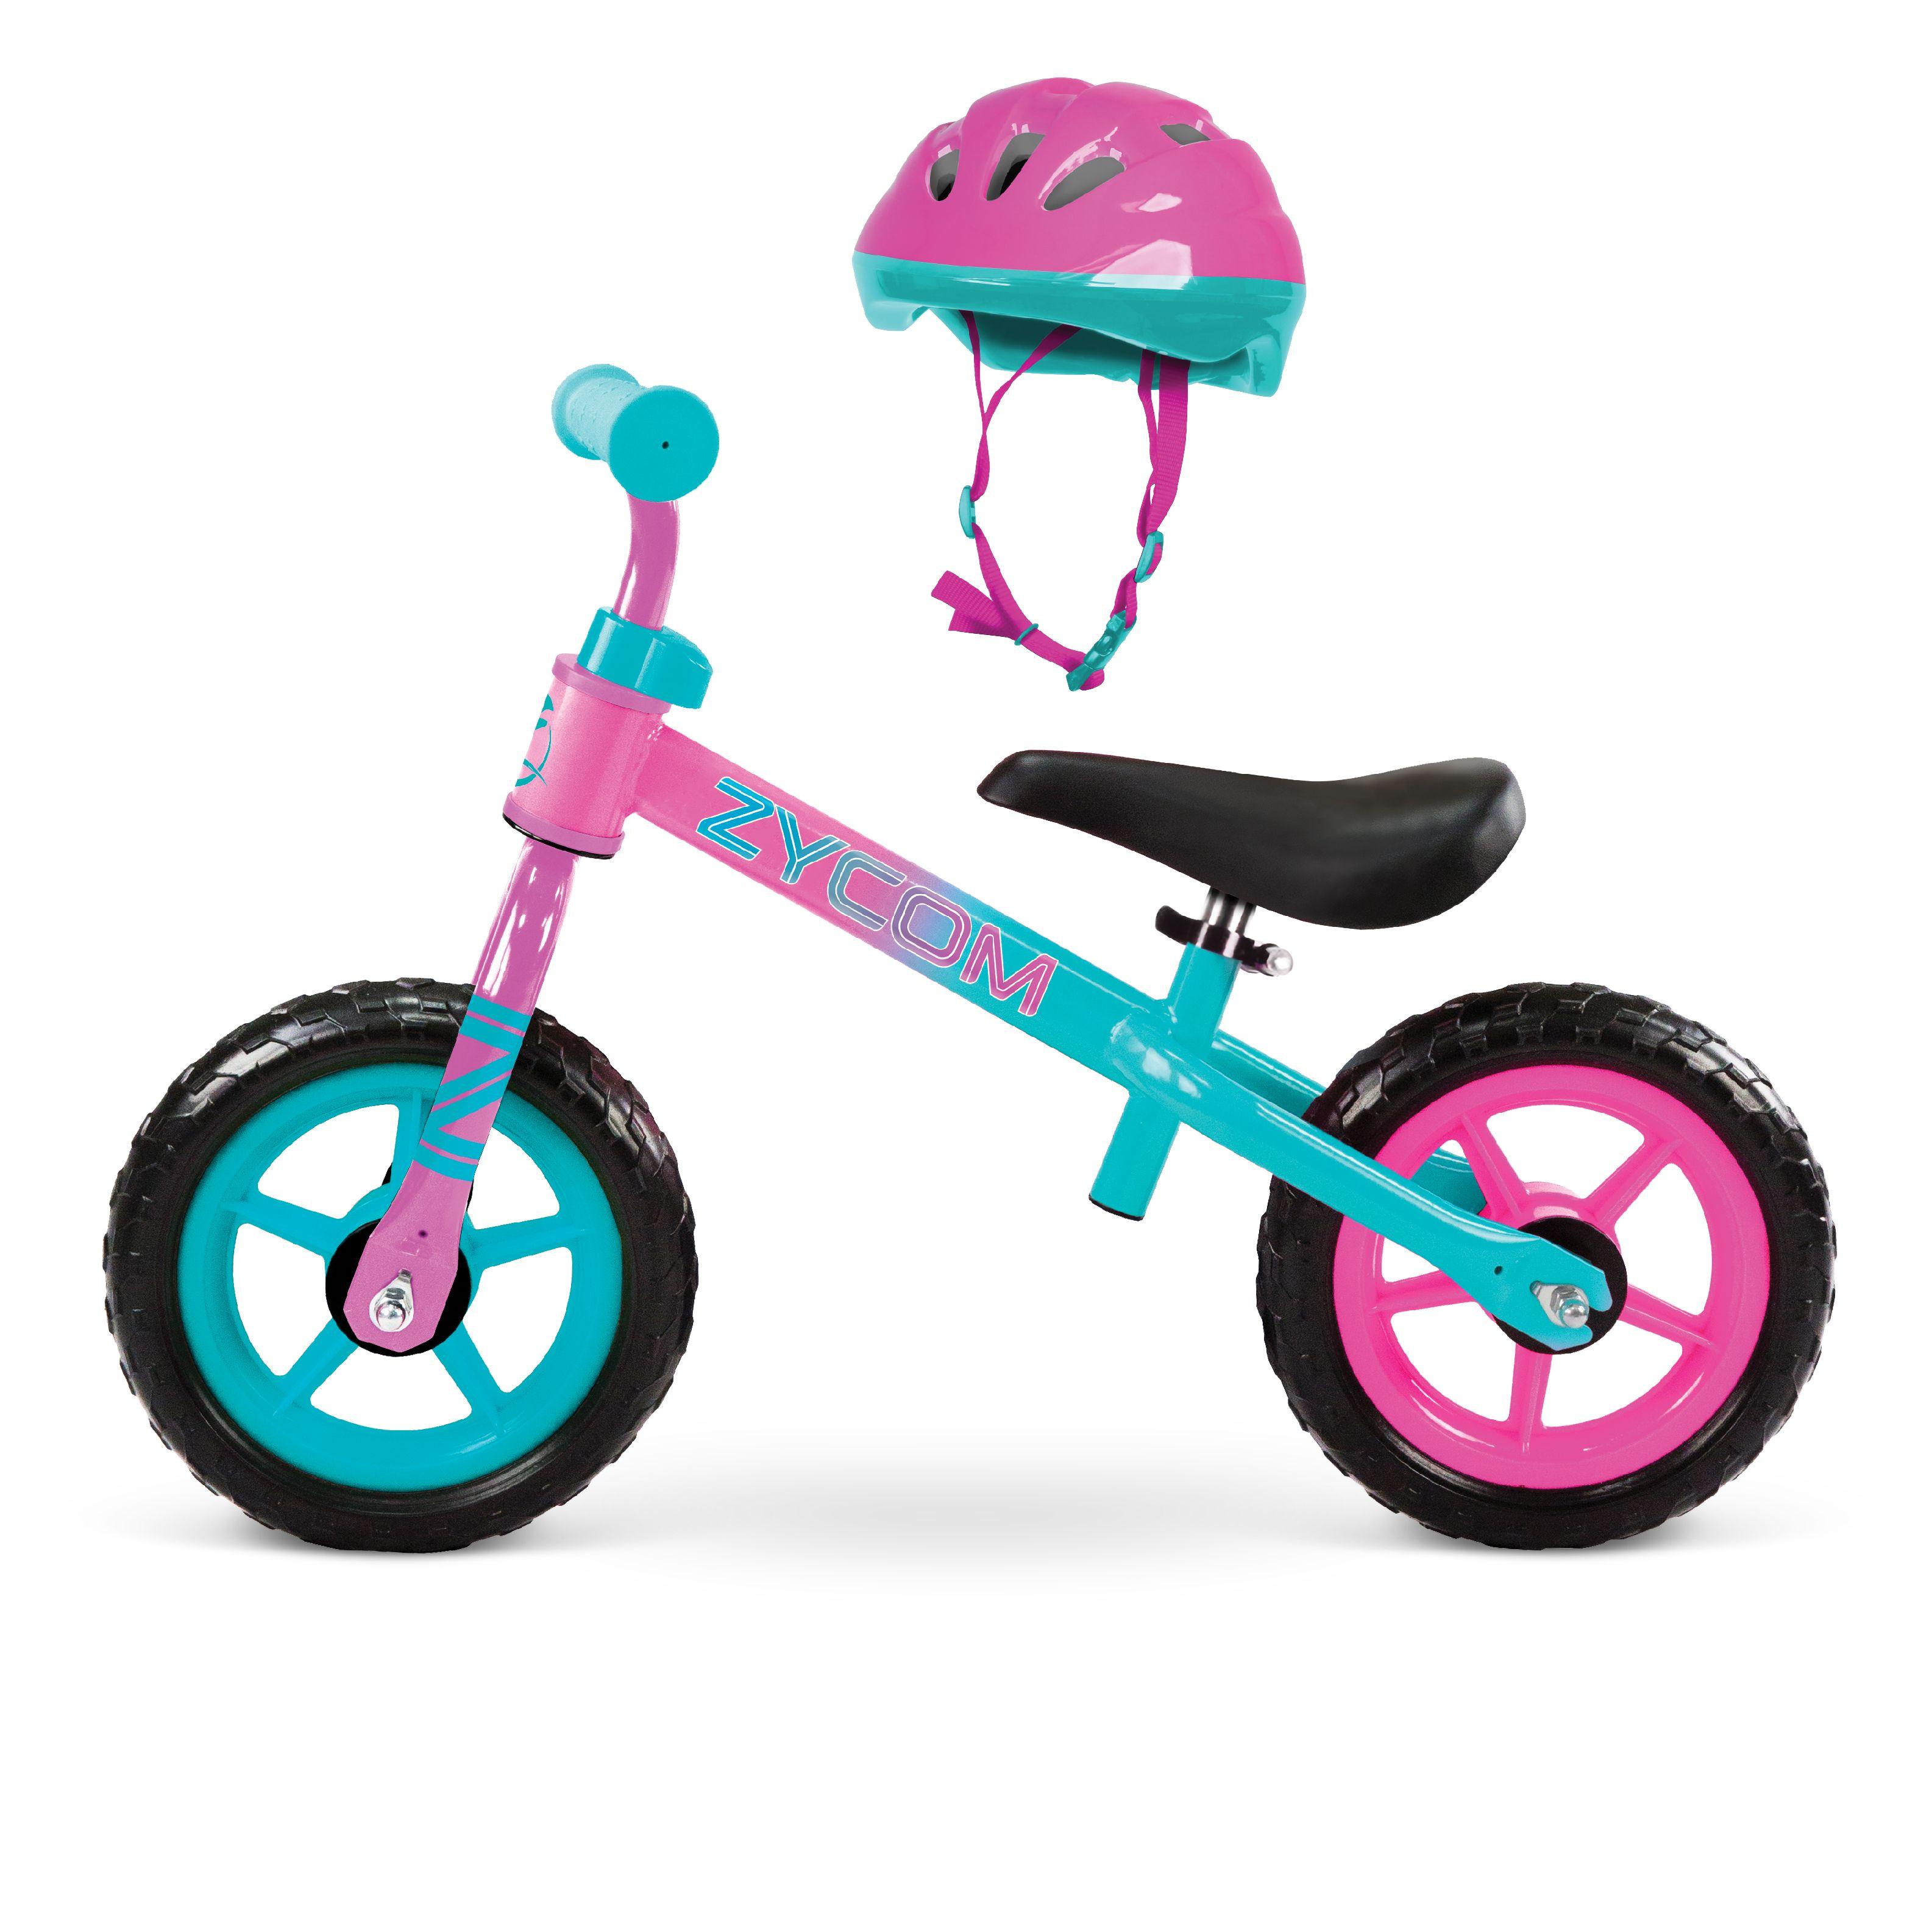 NEON Toddler Trike Pink 18-36 Months SHIPS FREE!